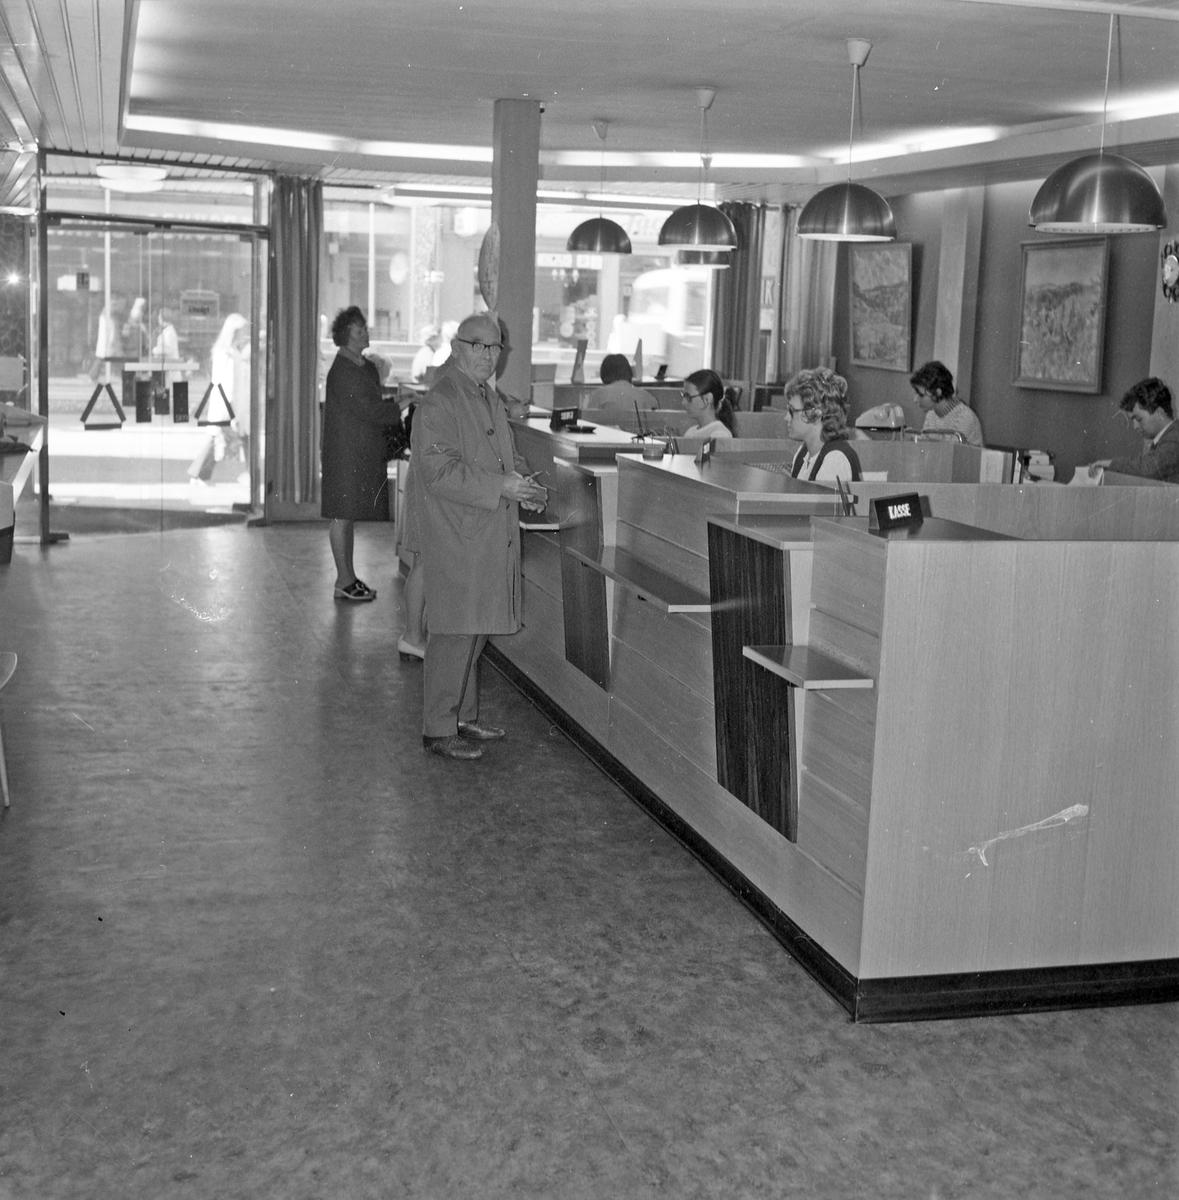 Inngangspartiet i Strandgaten. Interiør fra Strandgaten og Haraldsgaten. Publikum og ansatte.